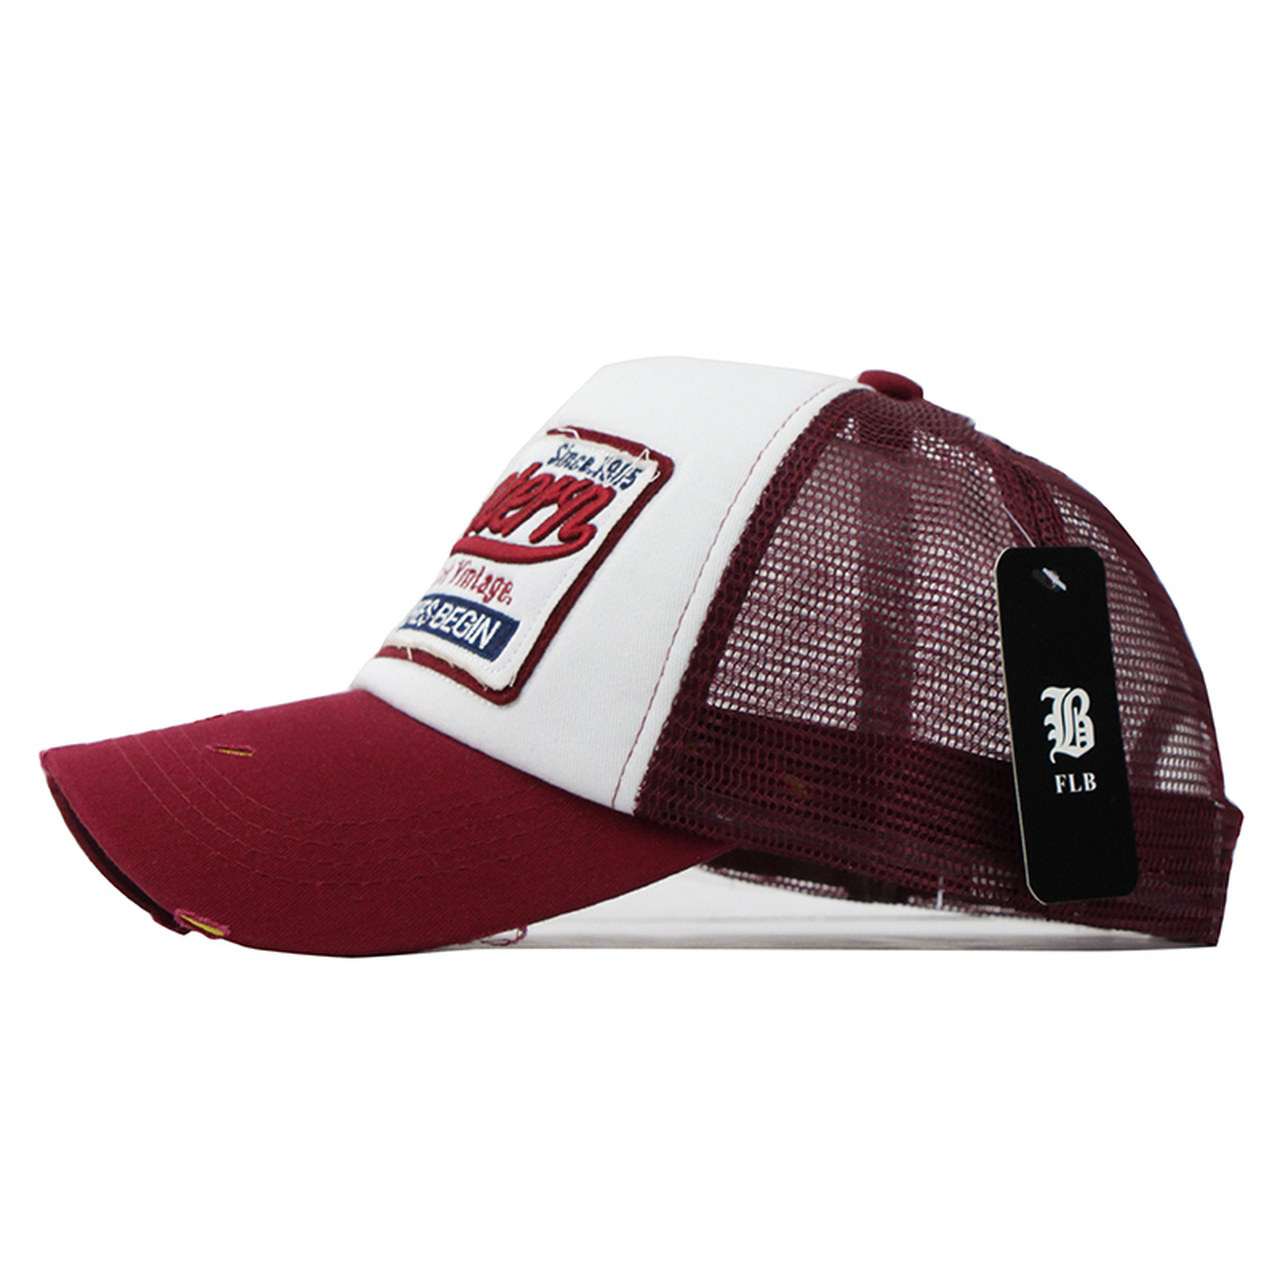 0af1faa80d14c ...  FLB  Summer Baseball Cap Embroidery Mesh Cap Hats For Men Women Gorras  Hombre hats ...